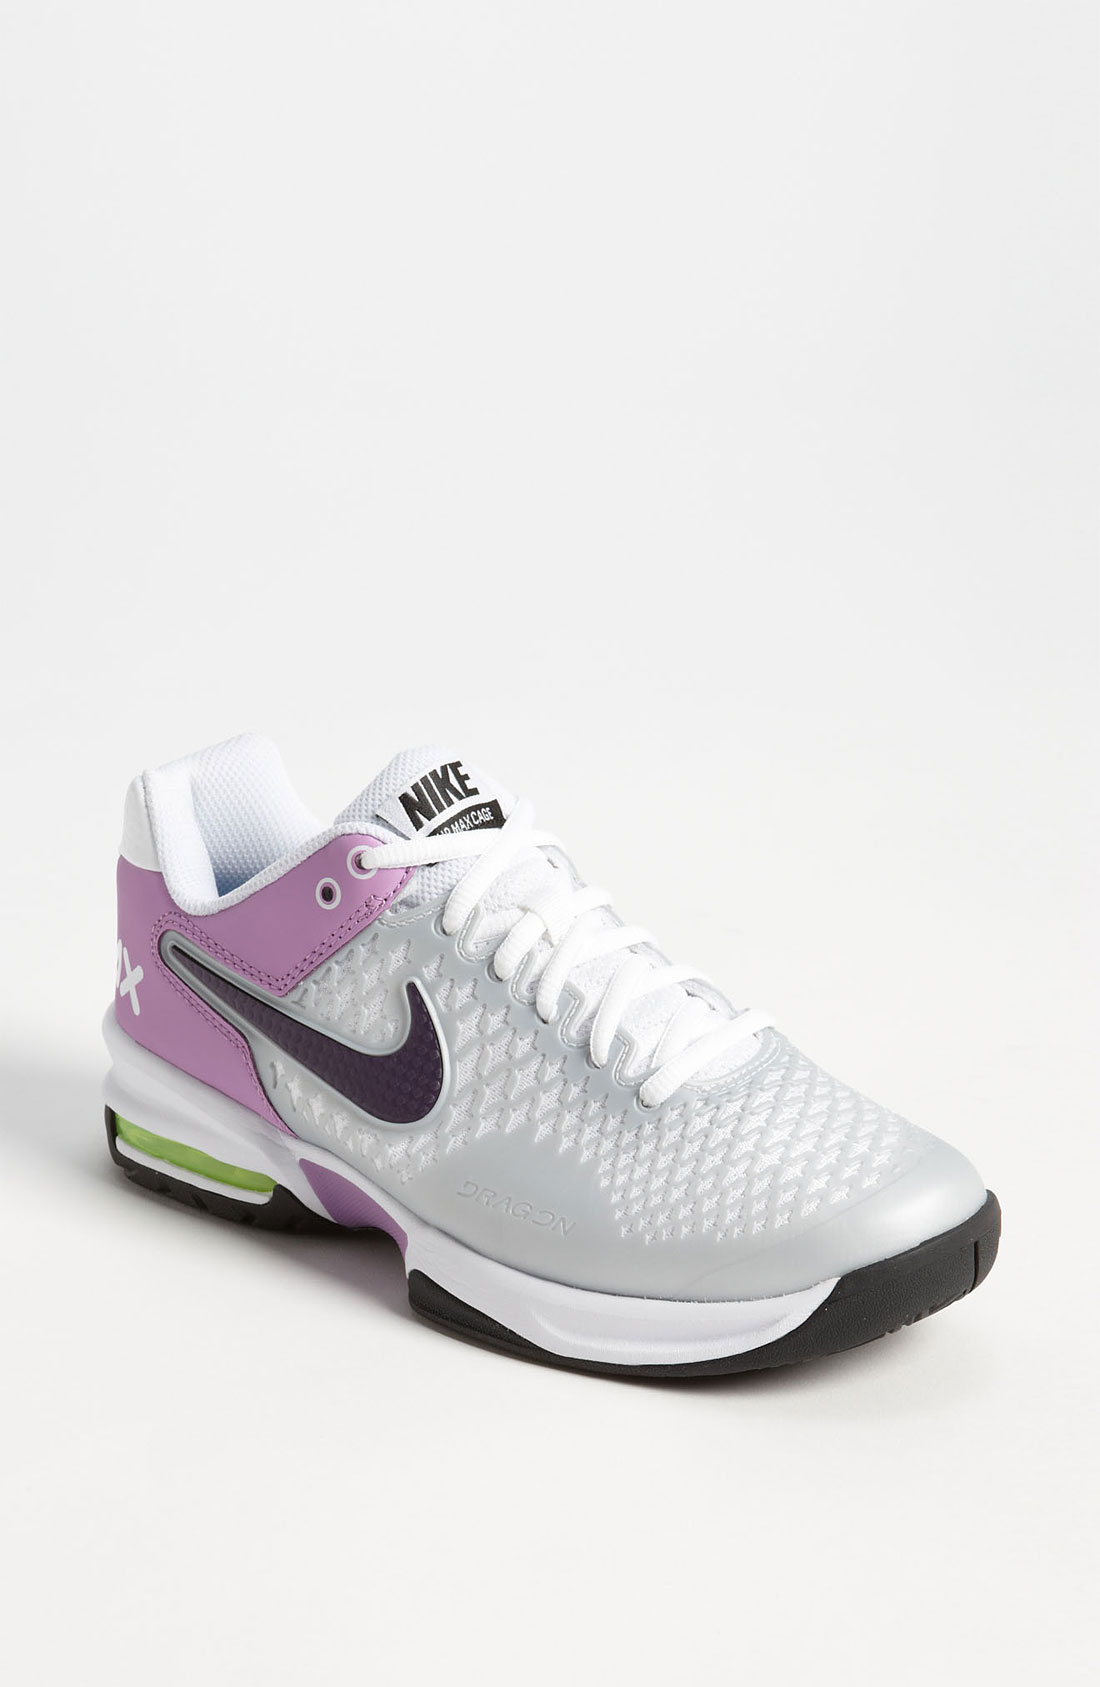 nuevas imágenes de muchos de moda descuento más bajo nike air max cage grey purple womens tennis shoes